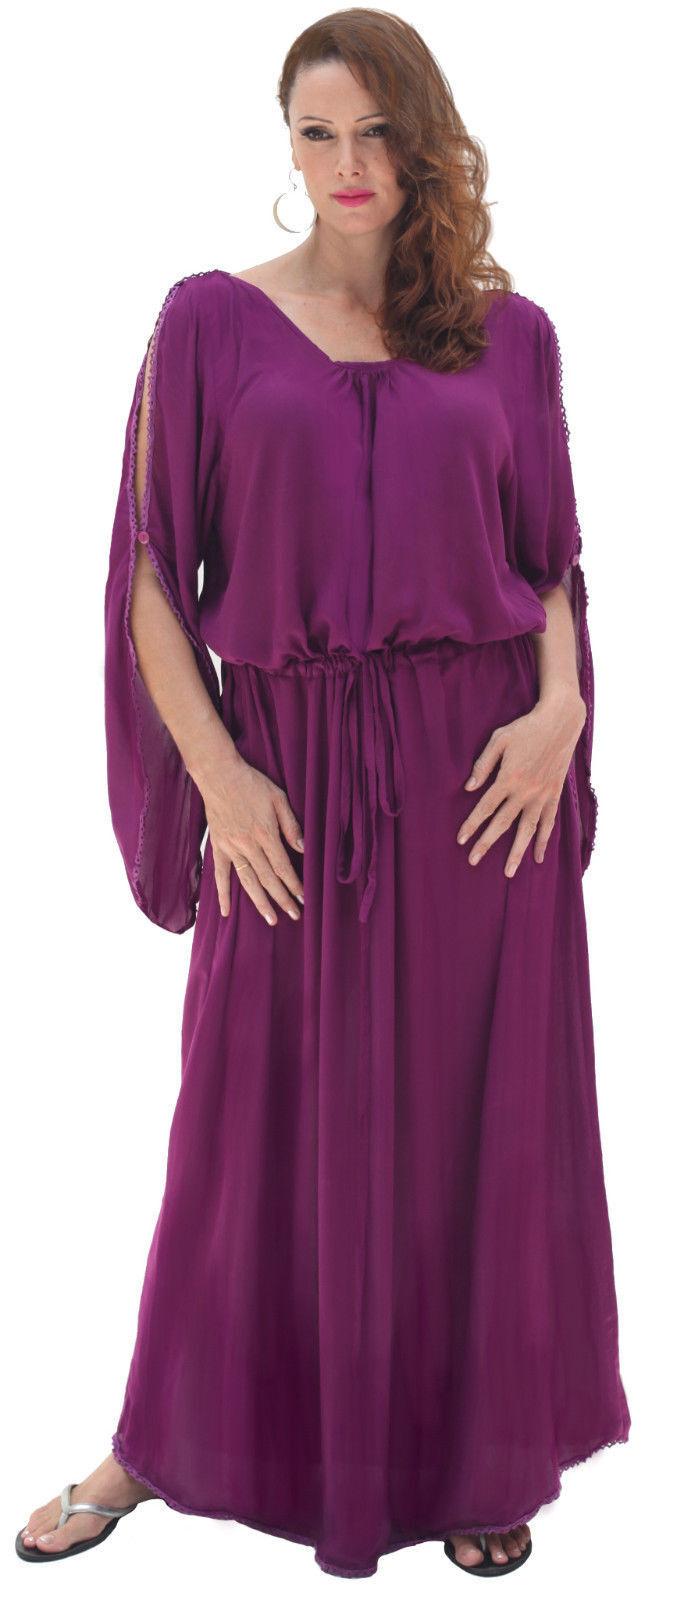 purple maxi dress cold shoulder drawstring M L XL 1X 2X ONE SIZE zr103